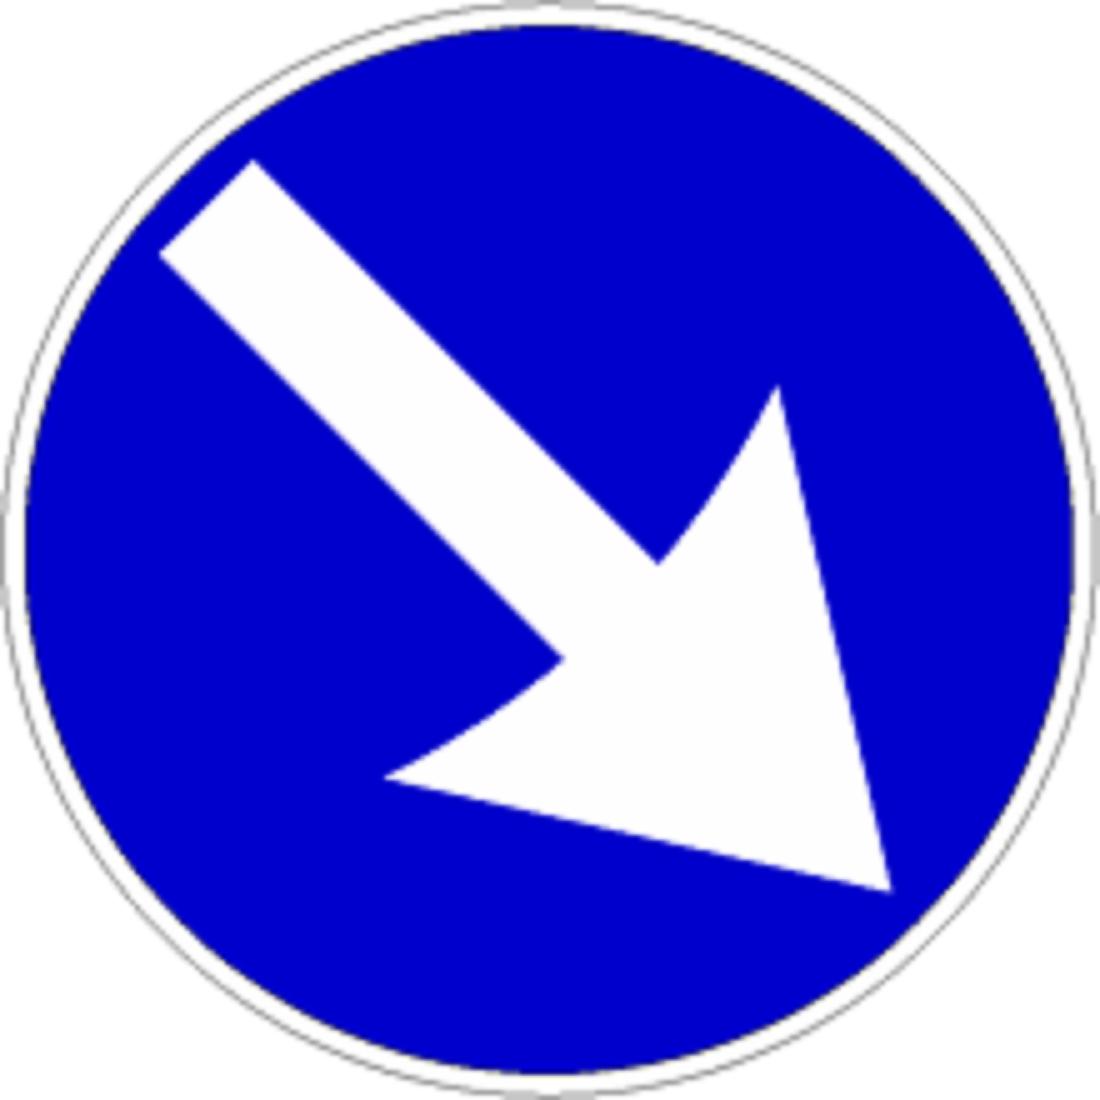 Segnale Di Obbligo Passaggio Obbligatorio A Destra Officine